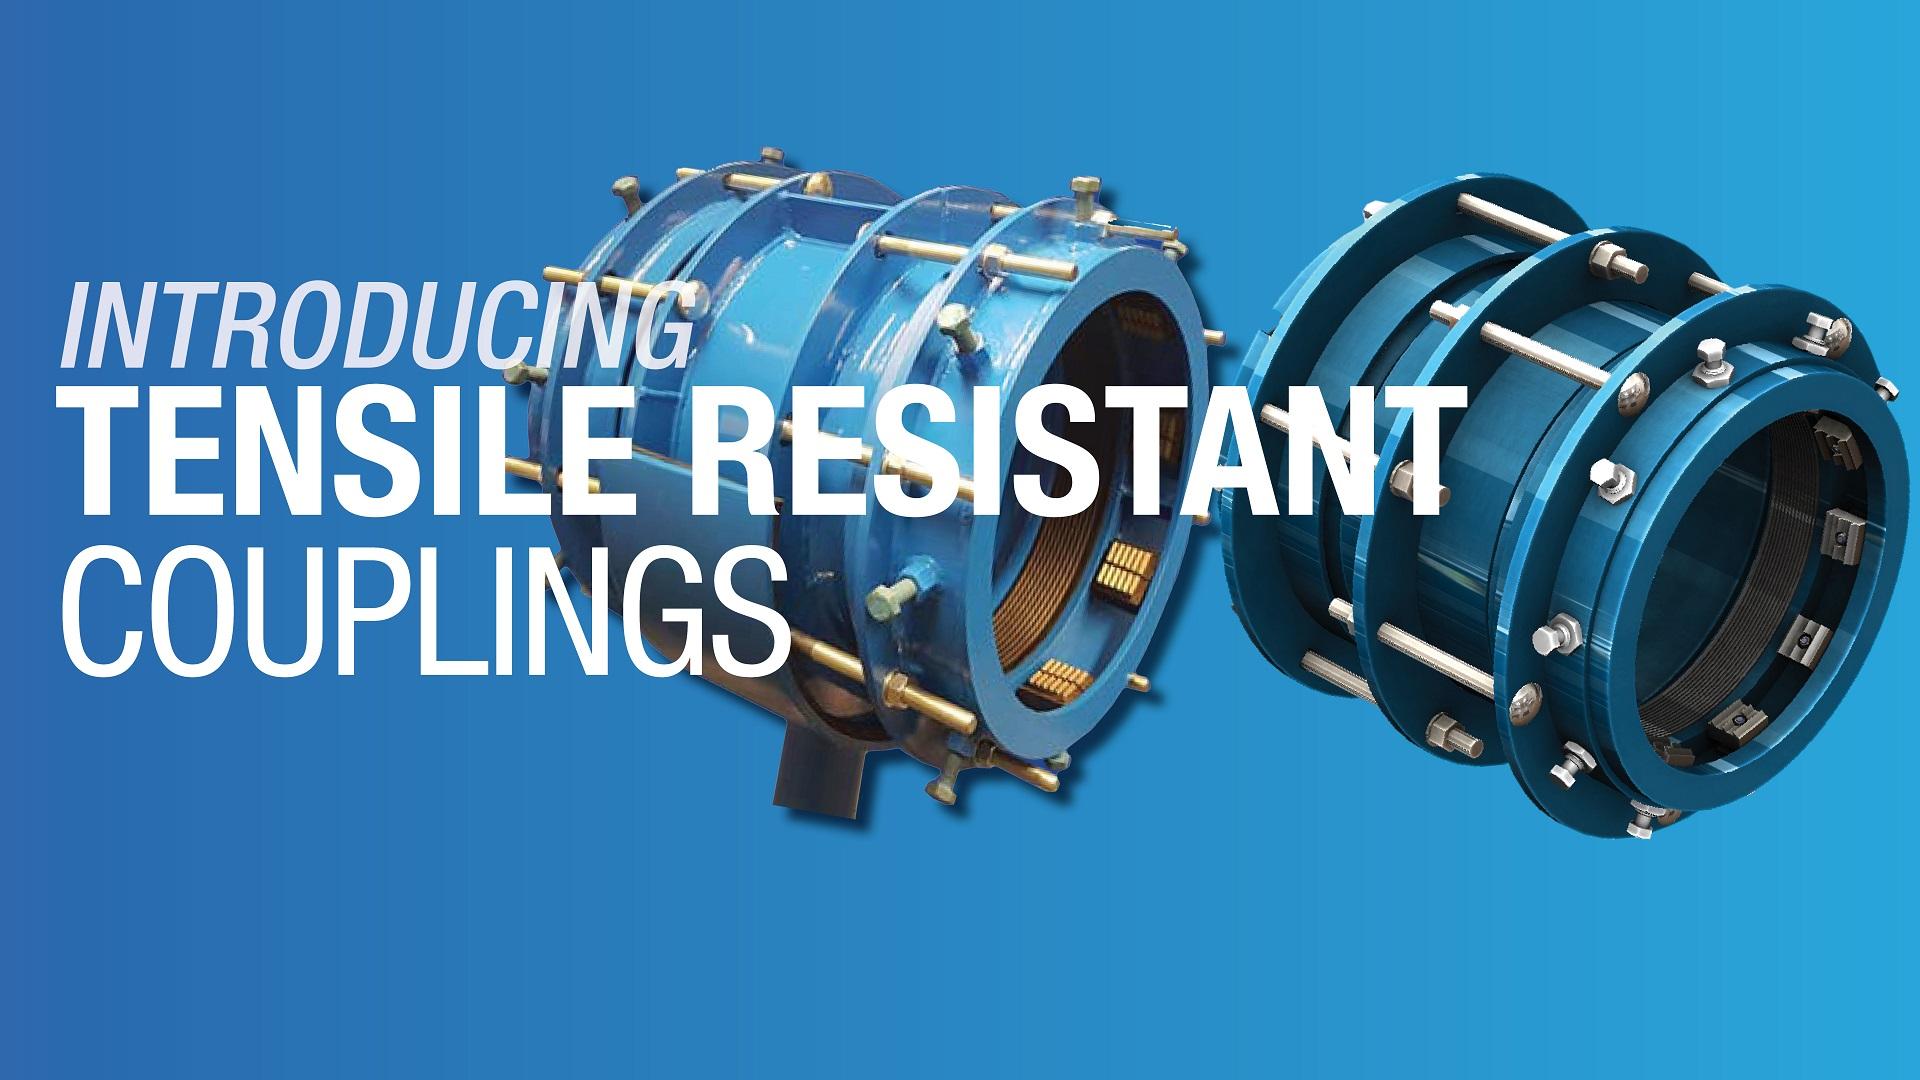 AVK Tensile Resistant Couplings